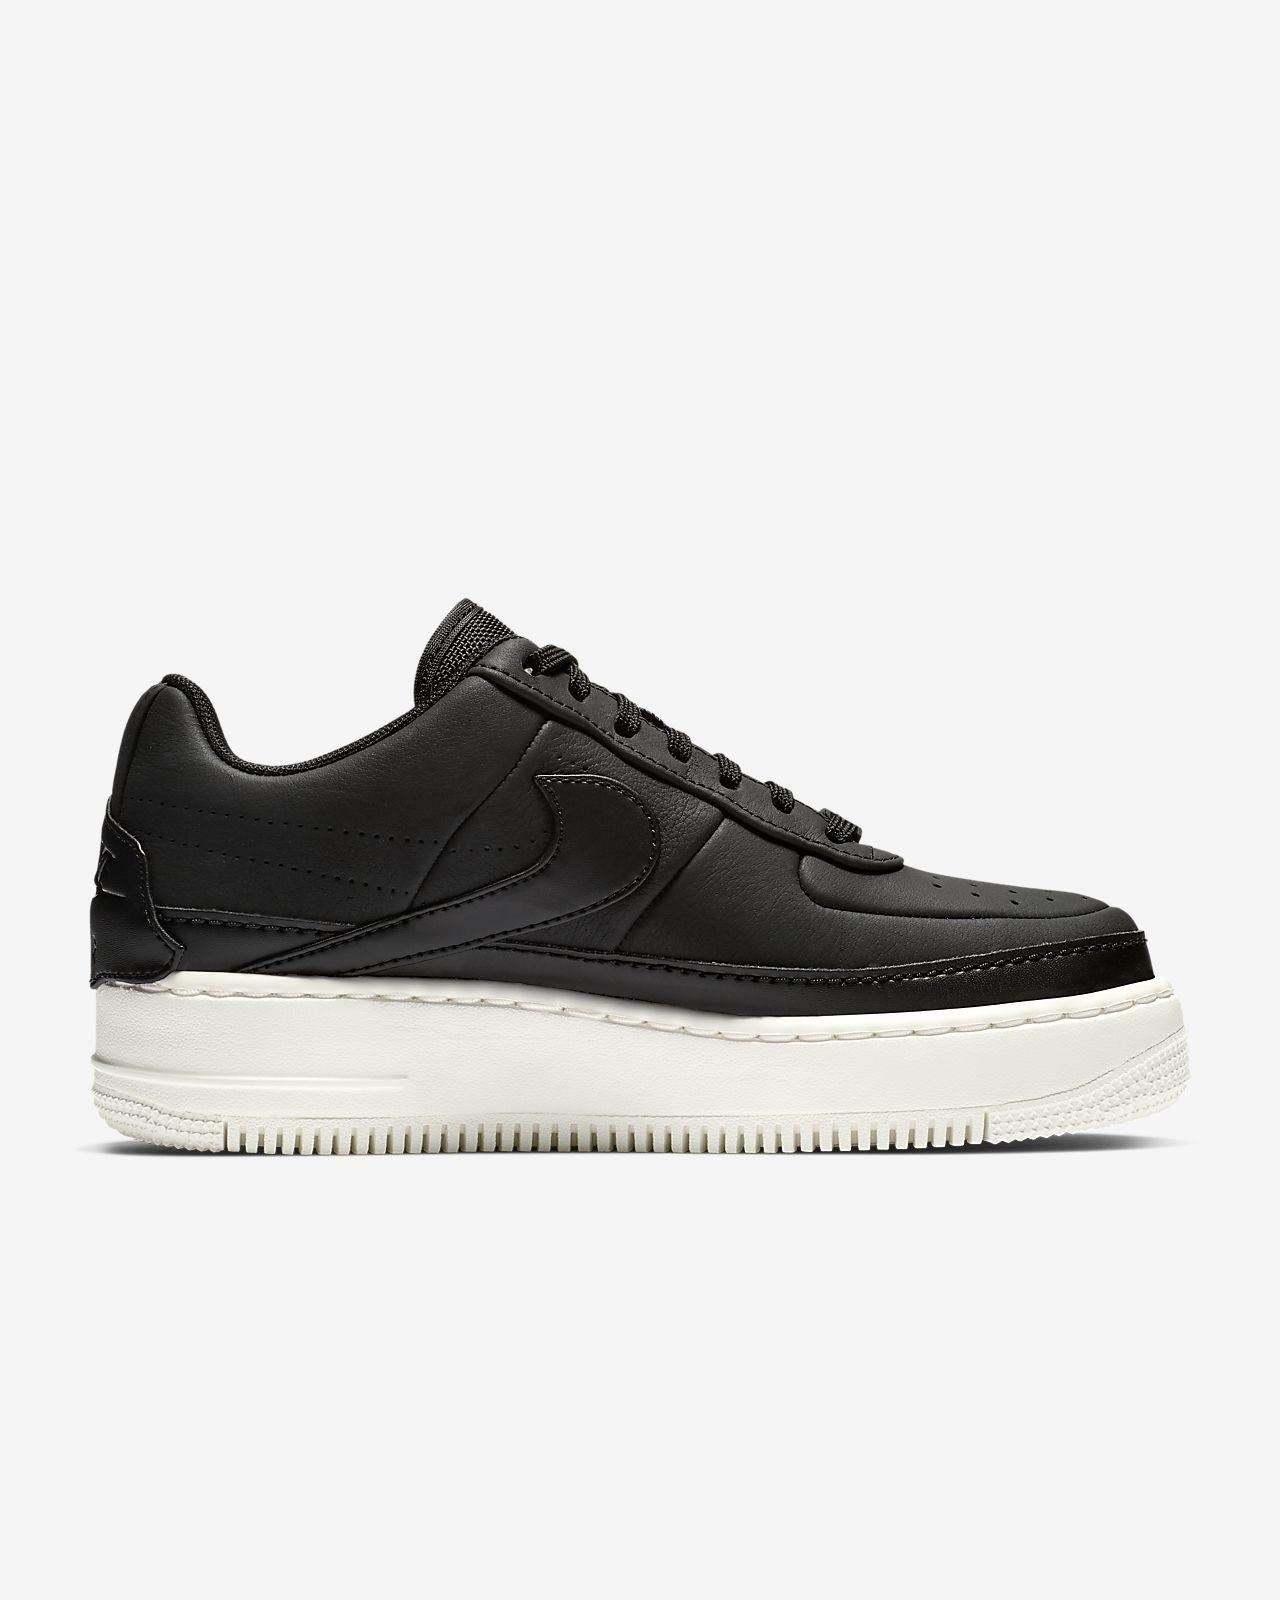 2f6a0a66c58 Nike Air Force 1 Jester XX Premium Damesschoen. Nike.com NL